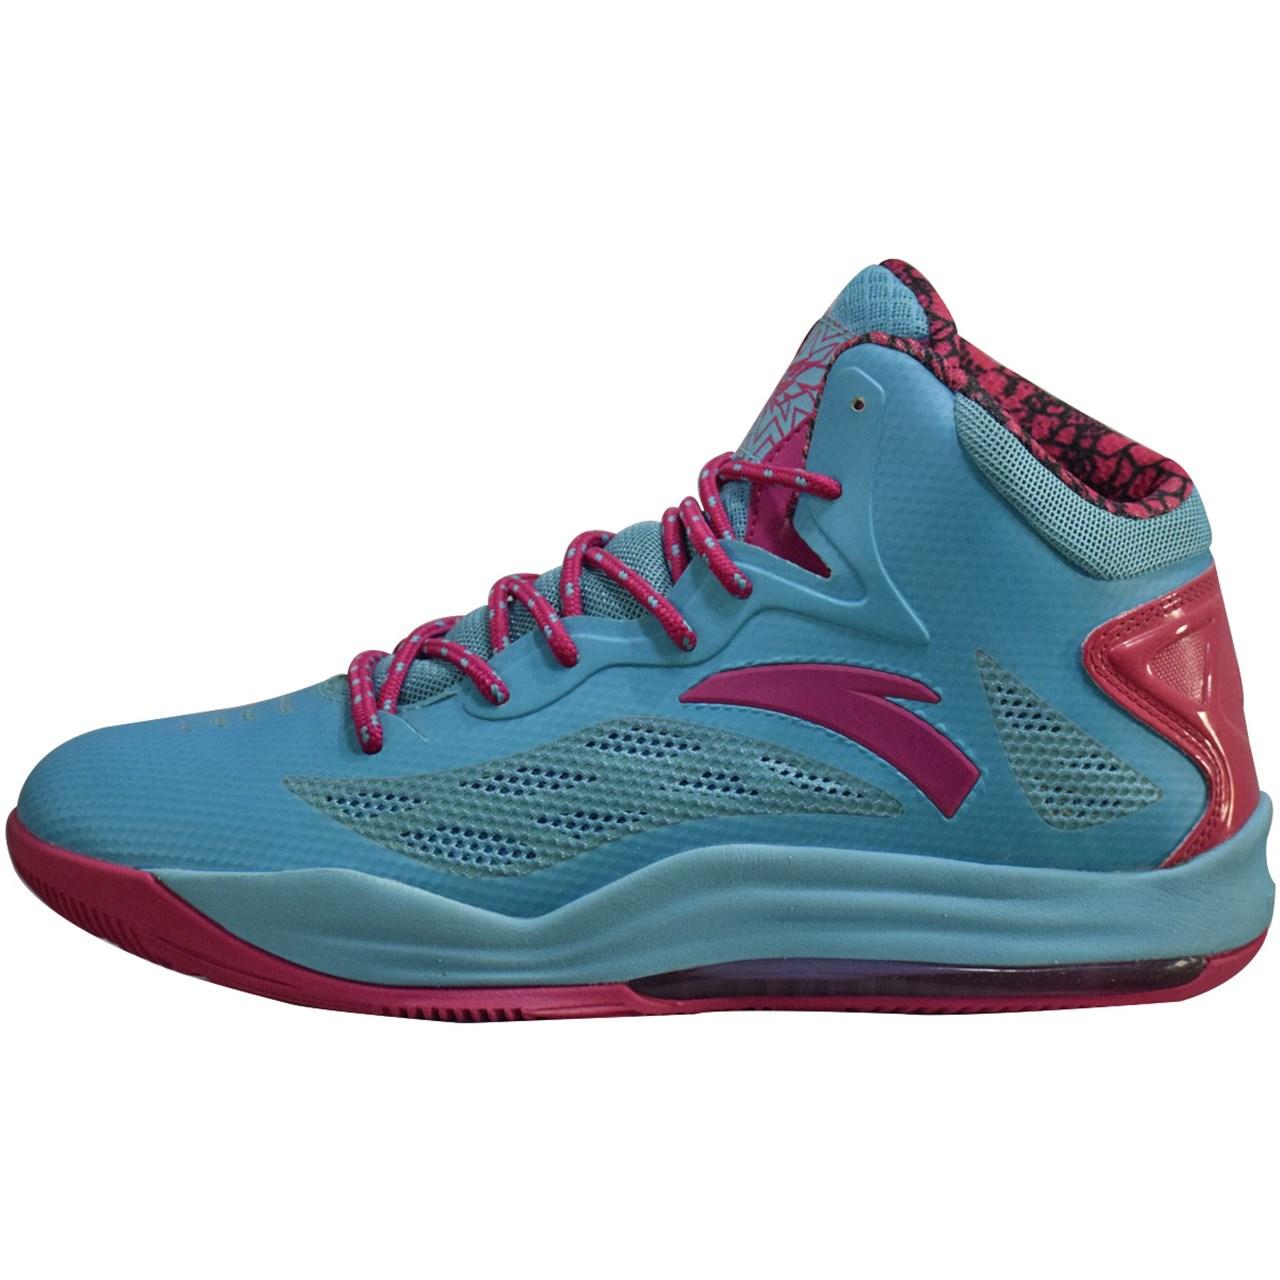 قیمت کفش بسکتبال مردانه آنتا مدل 81431117-3